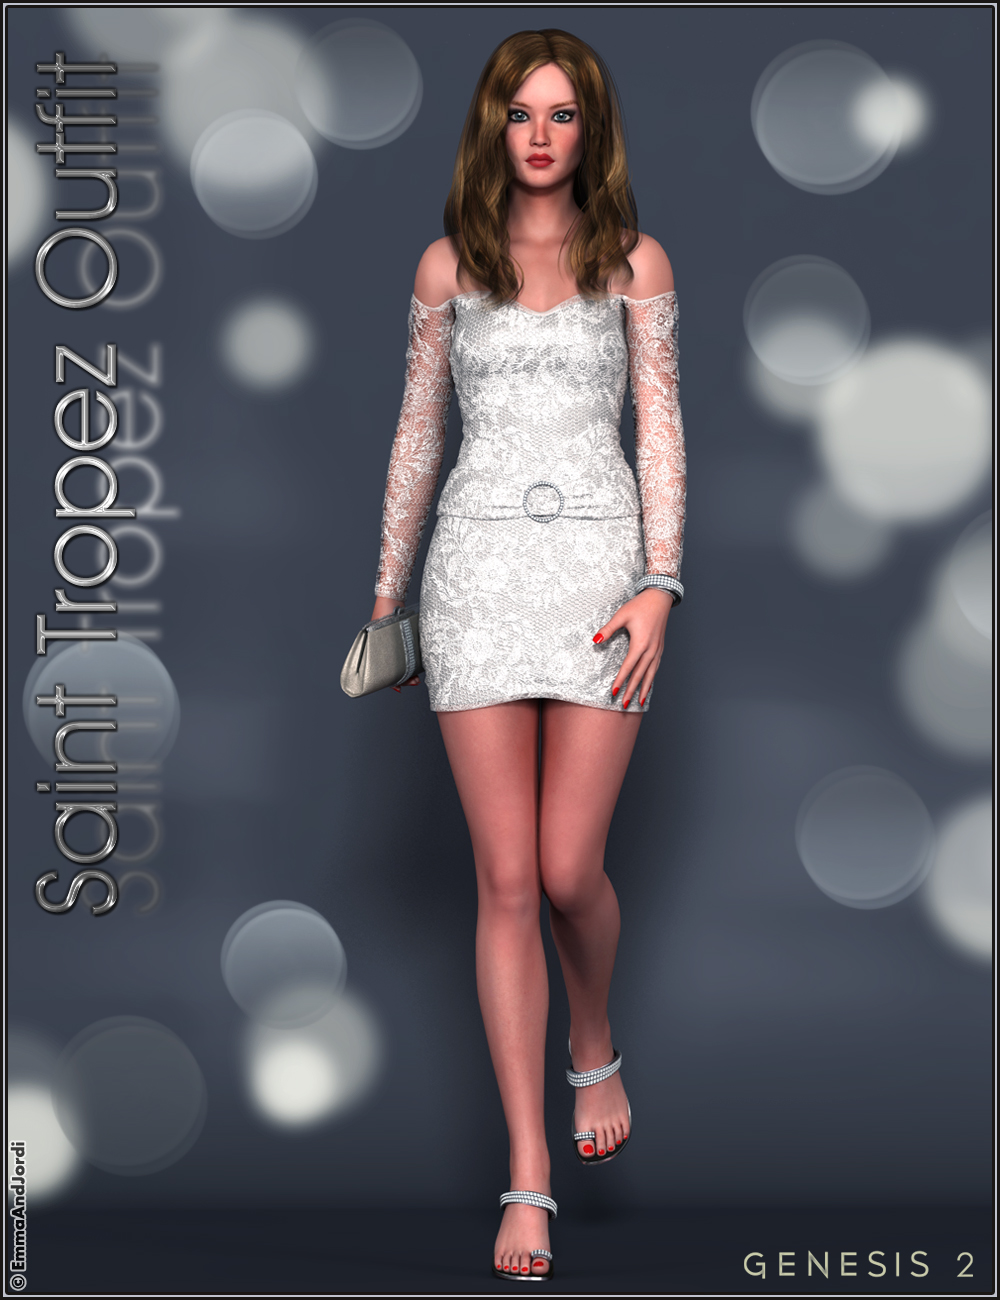 Saint Tropez Outfit and Accessories by: EmmaAndJordi, 3D Models by Daz 3D